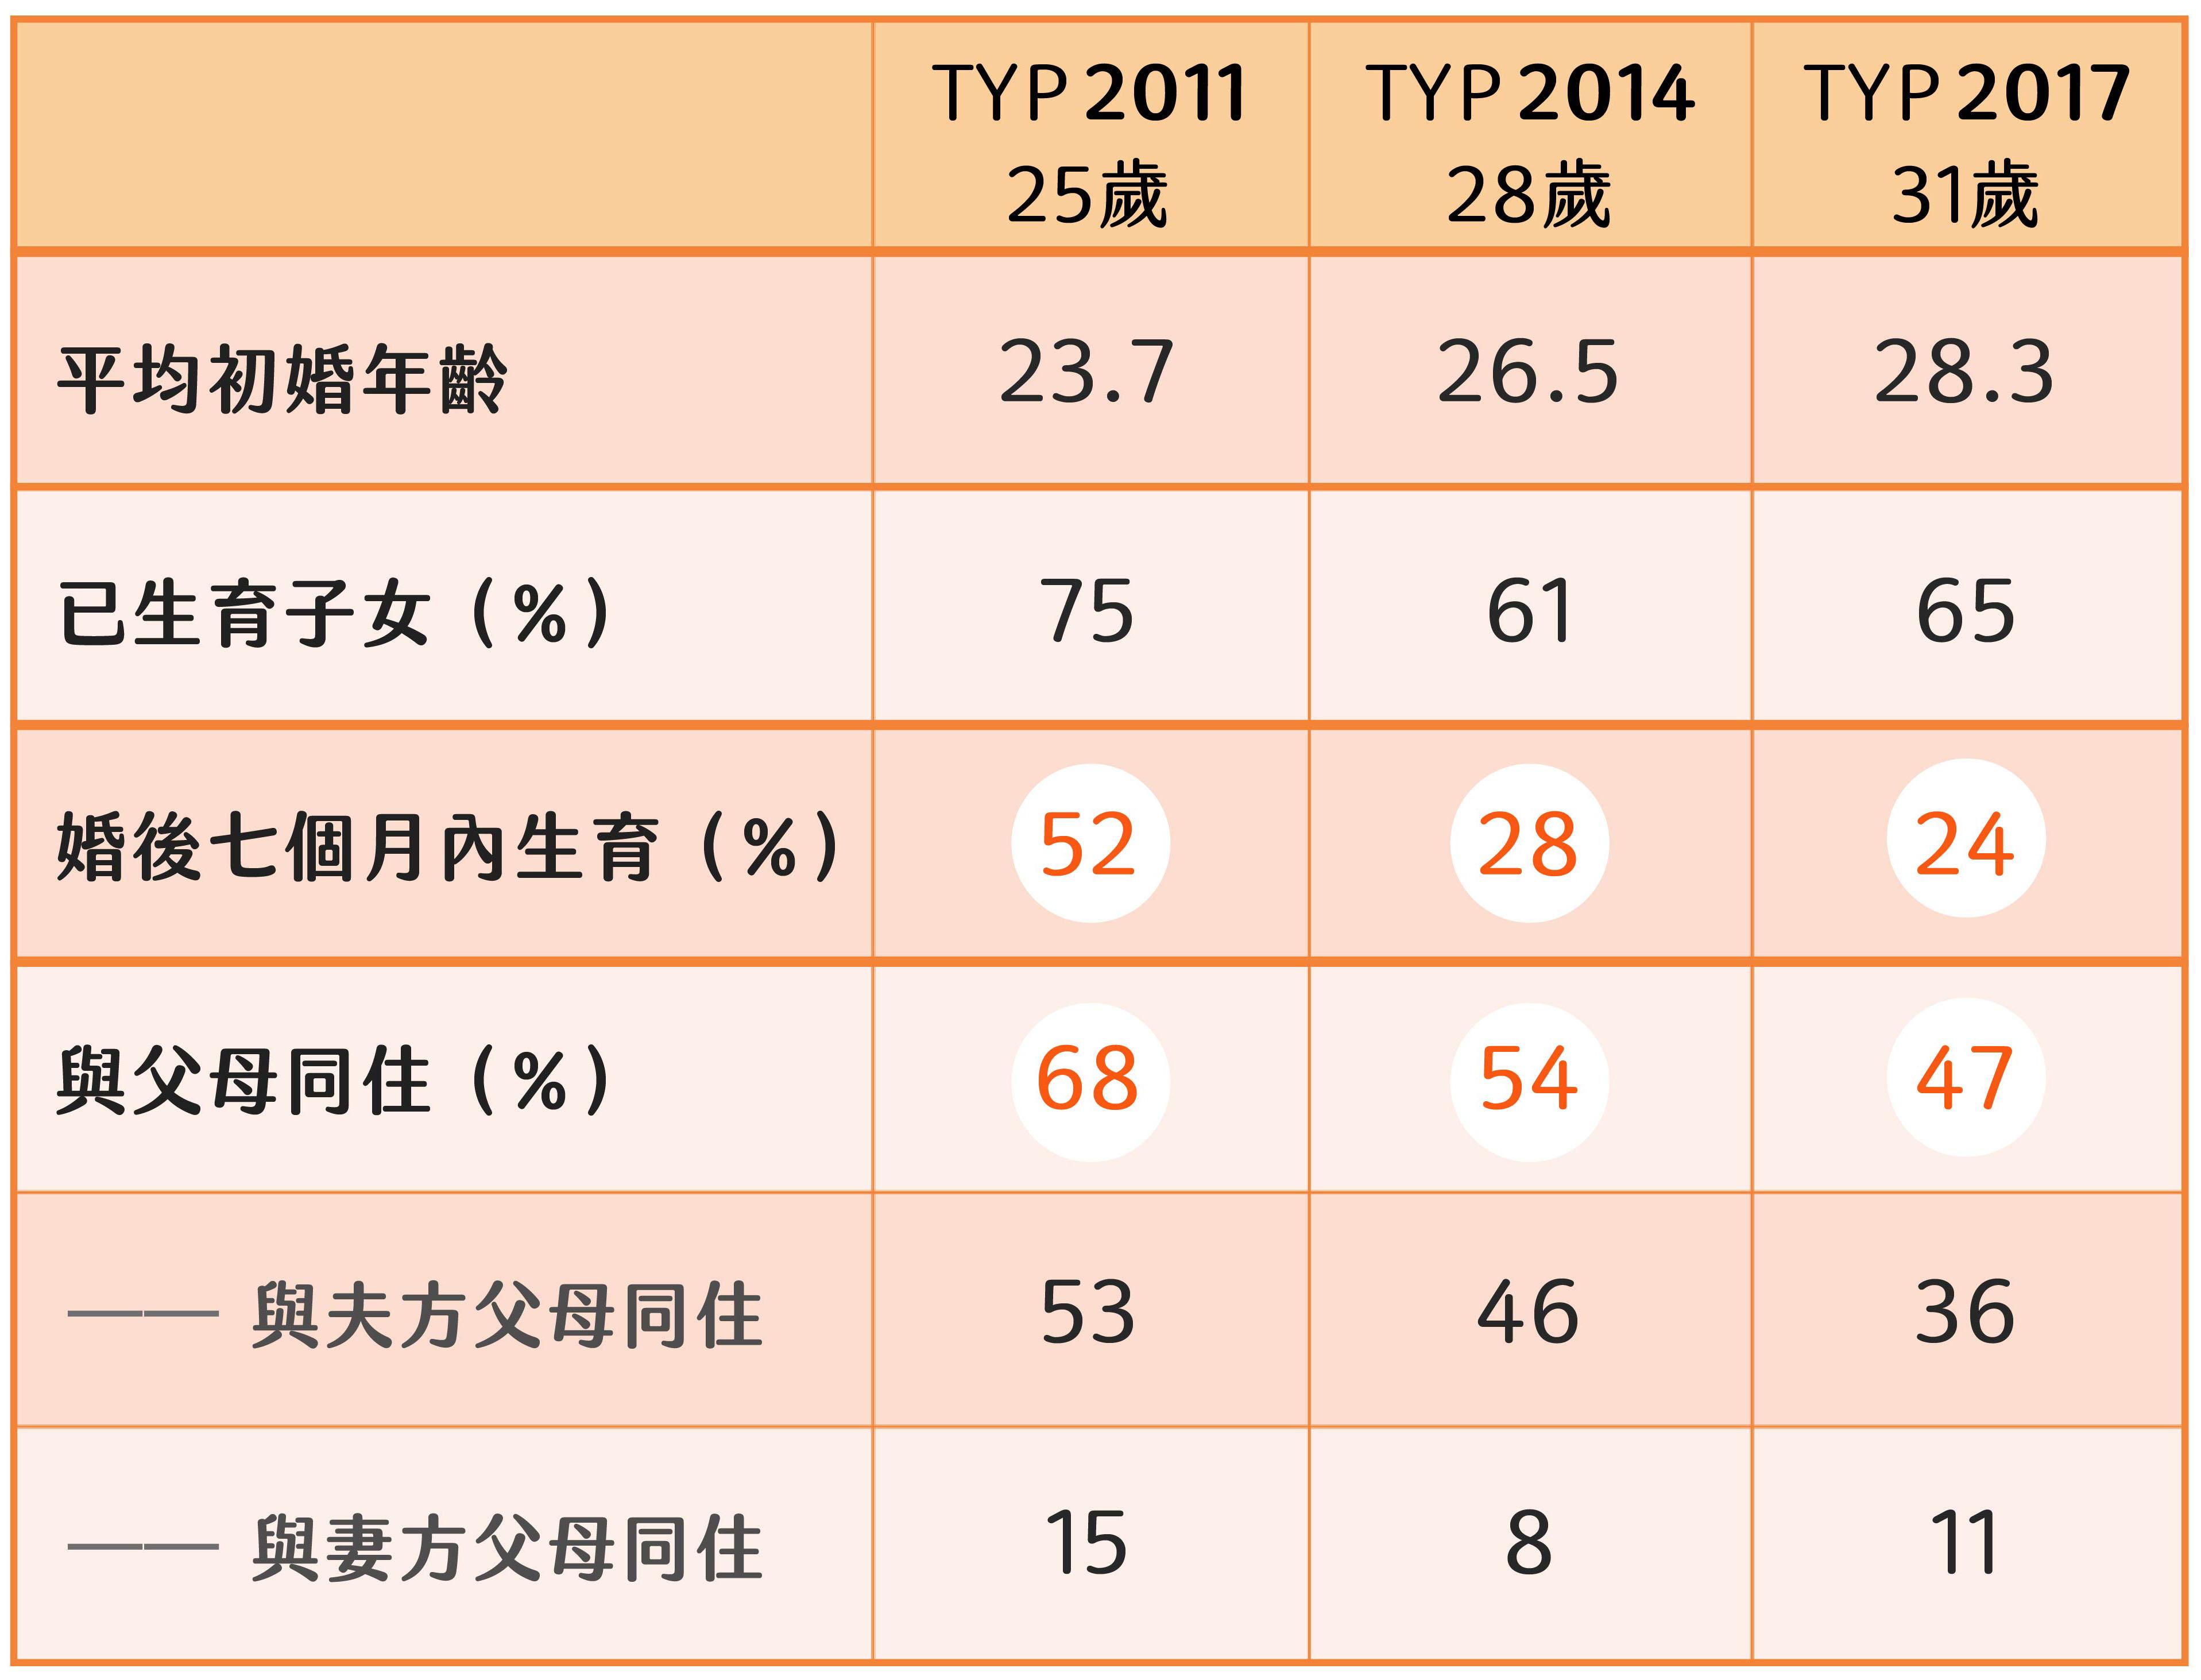 第二階段的調查,所有樣本已進入年輕成人階段,而且從 2011-2017 年分別有 7-40%進入婚姻,研究團隊開始觀察已婚者的婚育行為。圖│研之有物(資料來源│TYP)